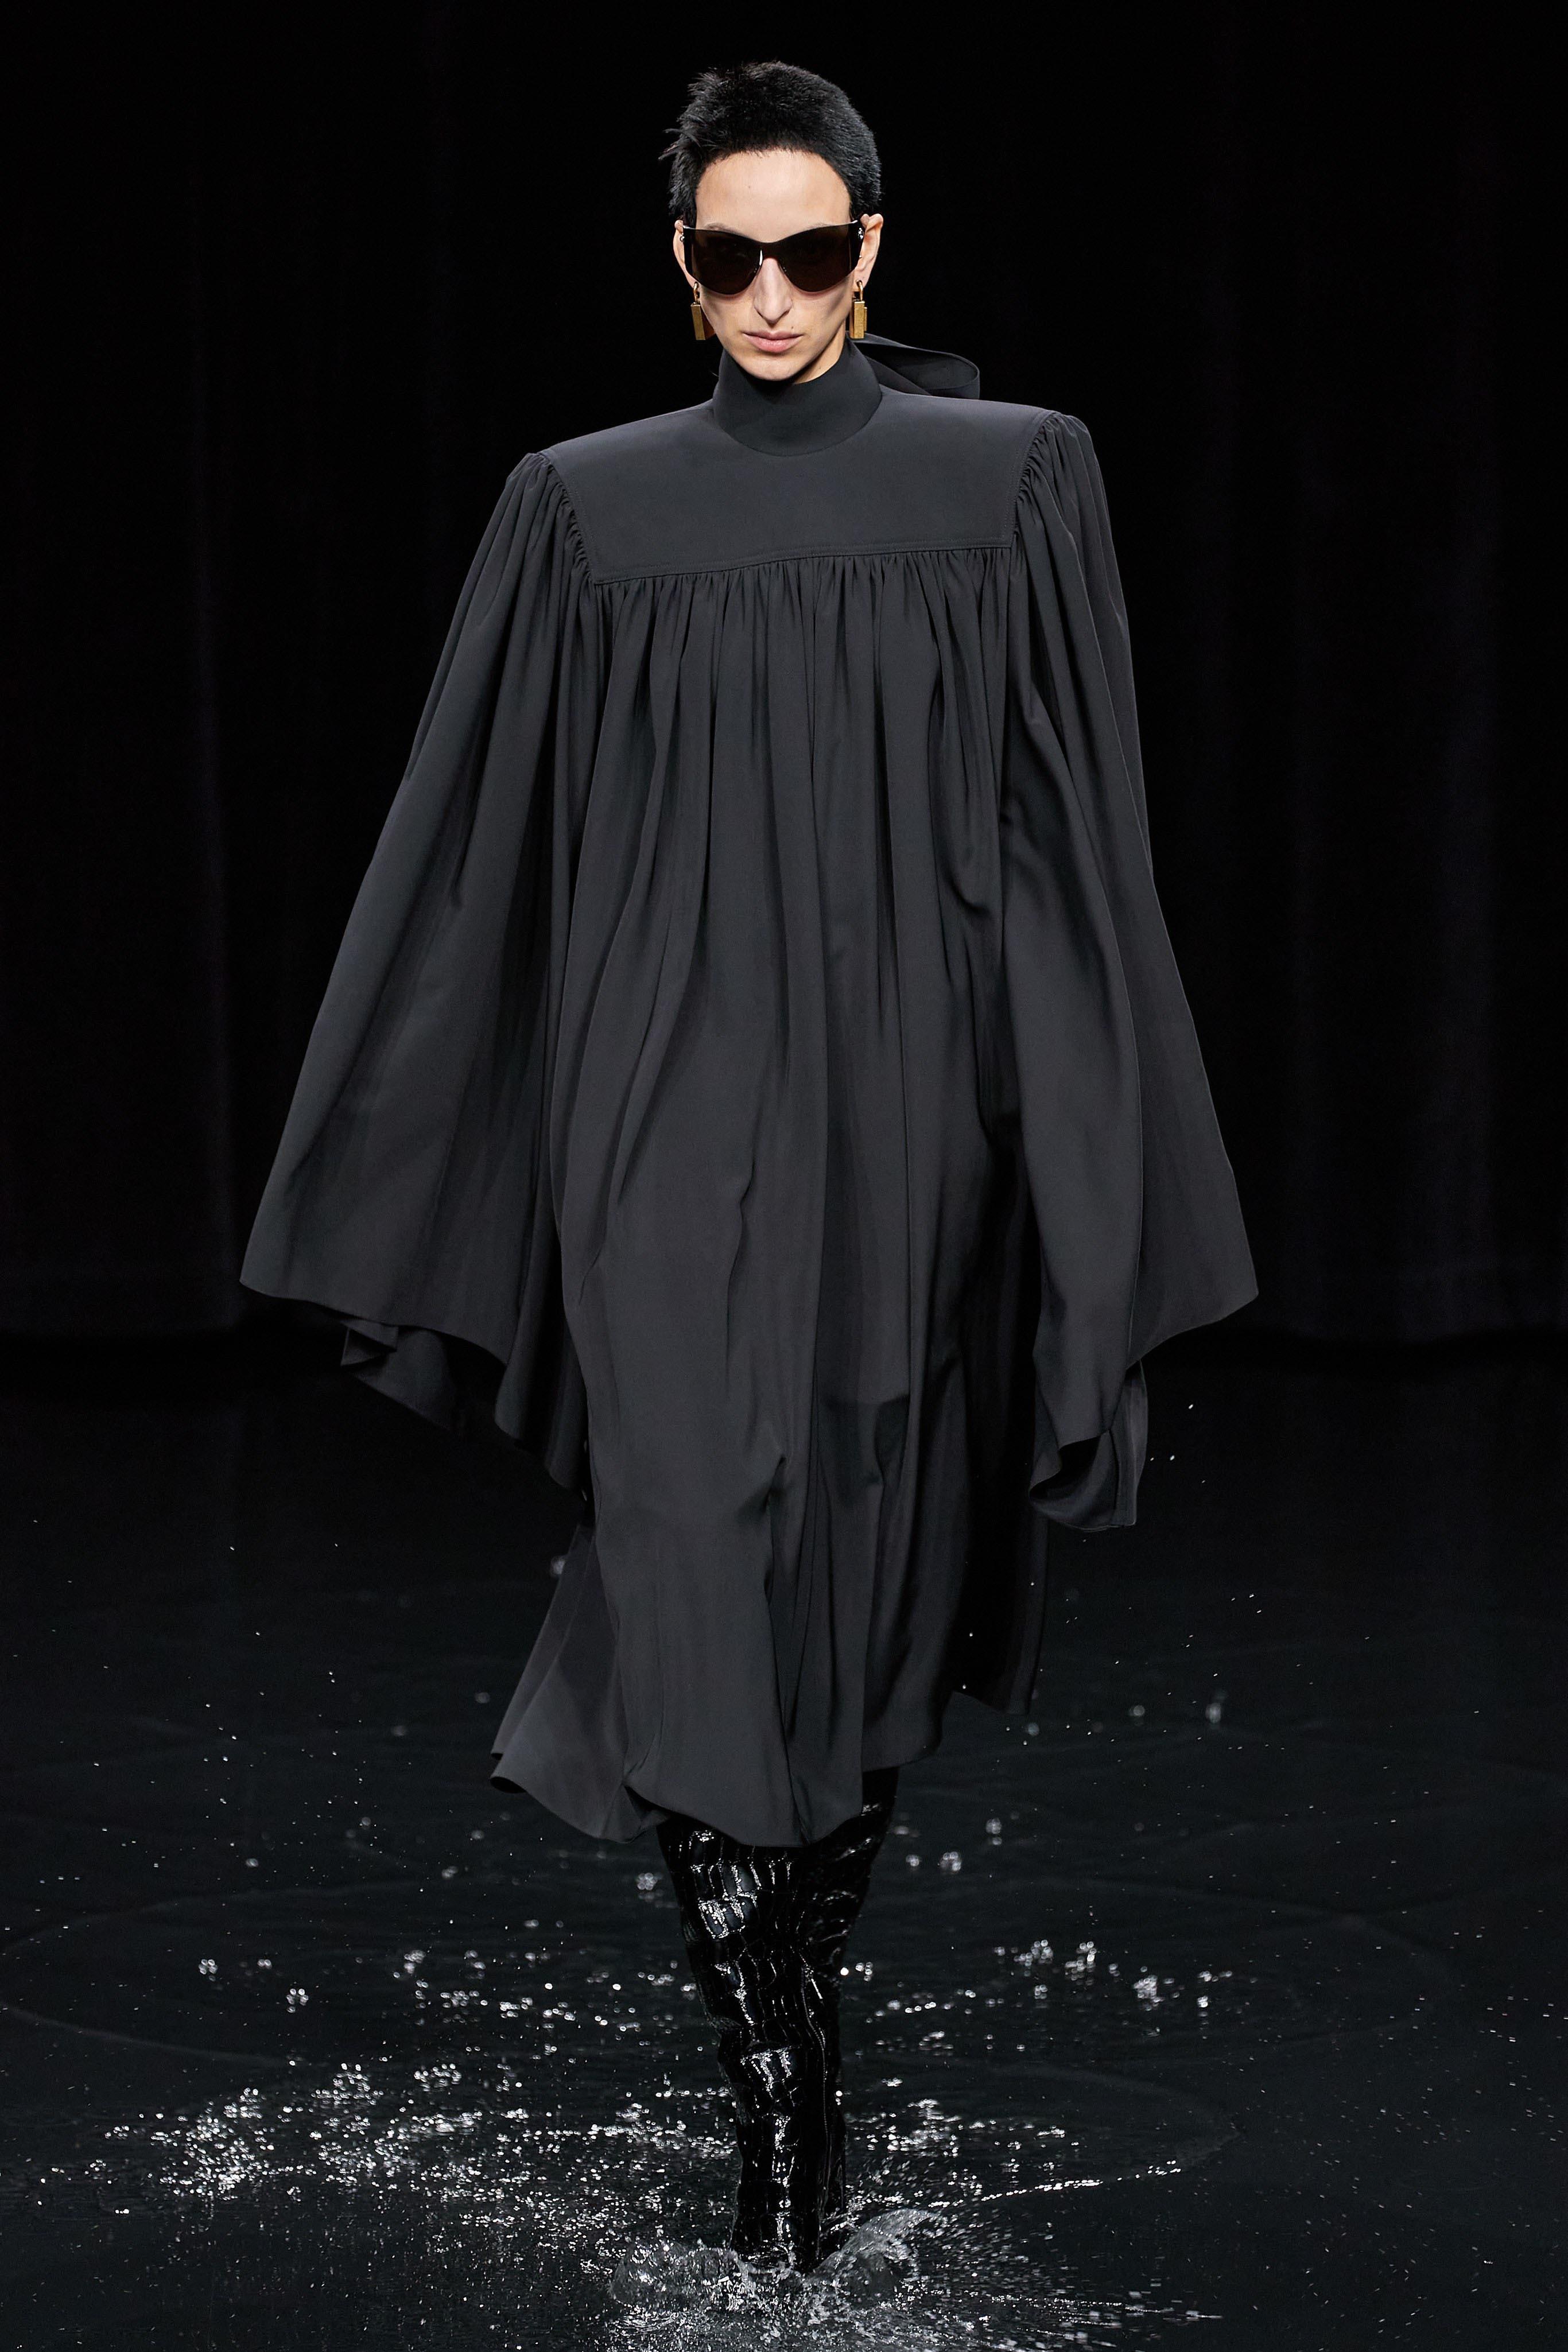 Người mẫu đội đầu thú lên trình diễn thời trang tại Paris Fashion Week - 17